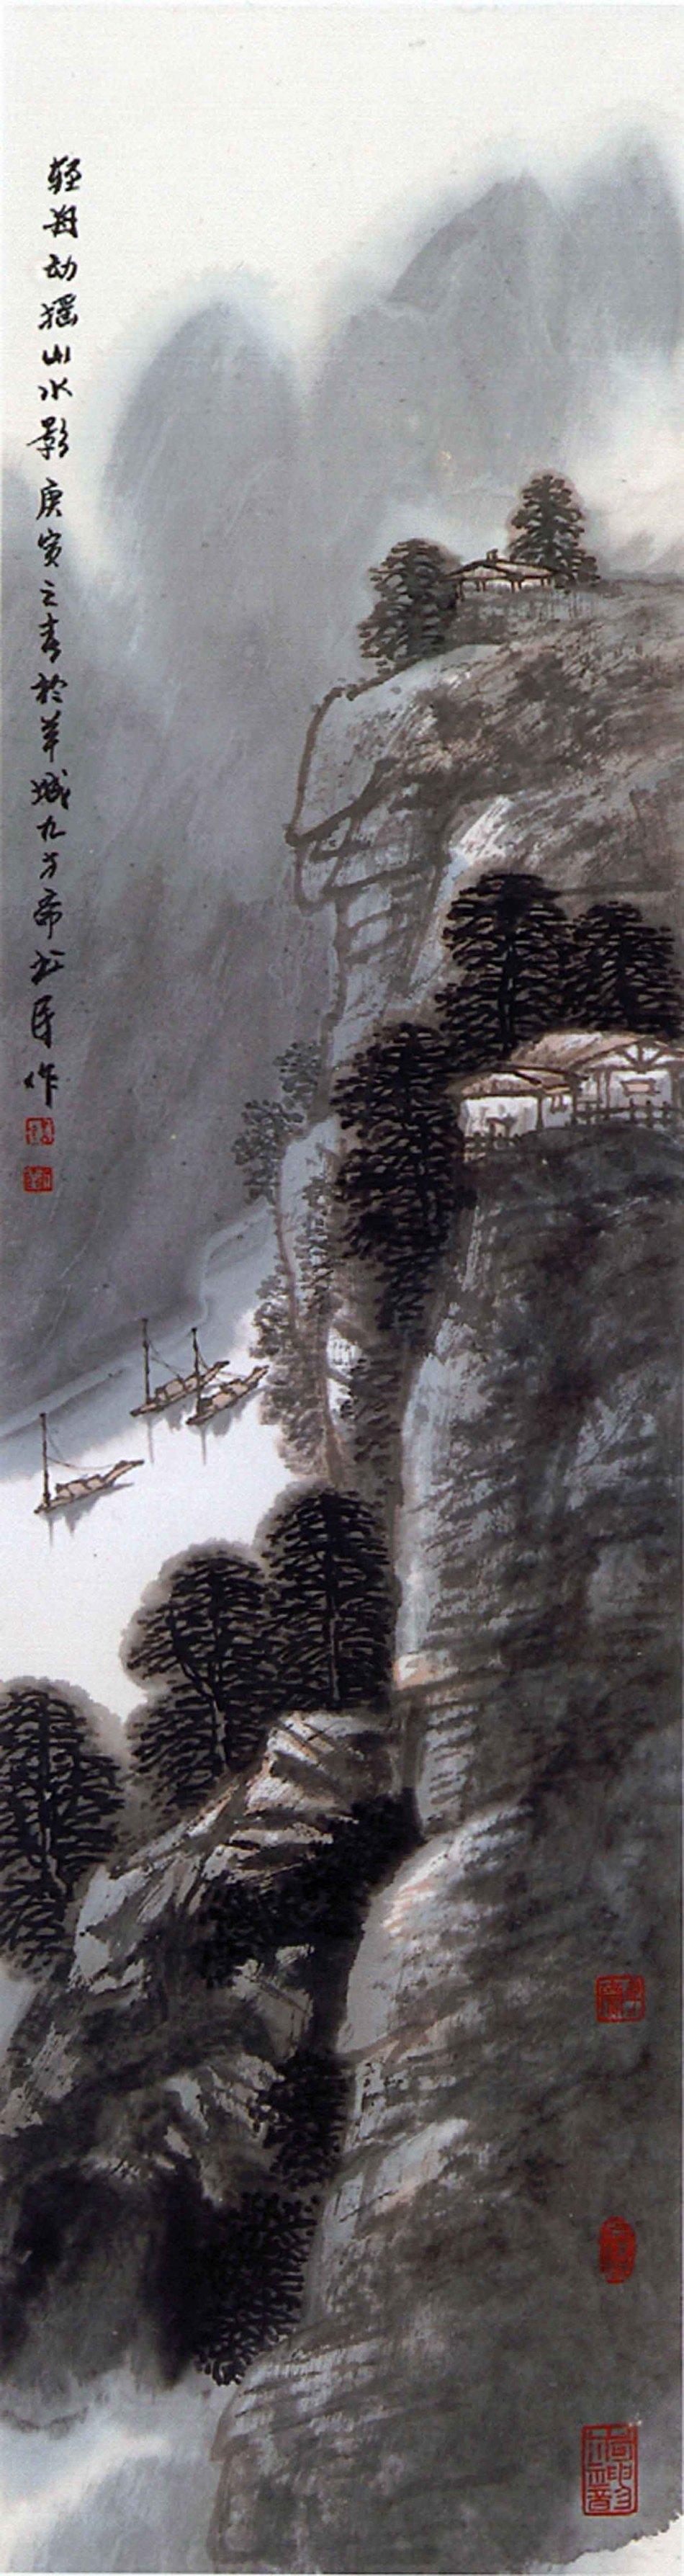 刘书民作品欣赏 - 山野村夫 - 山野村夫